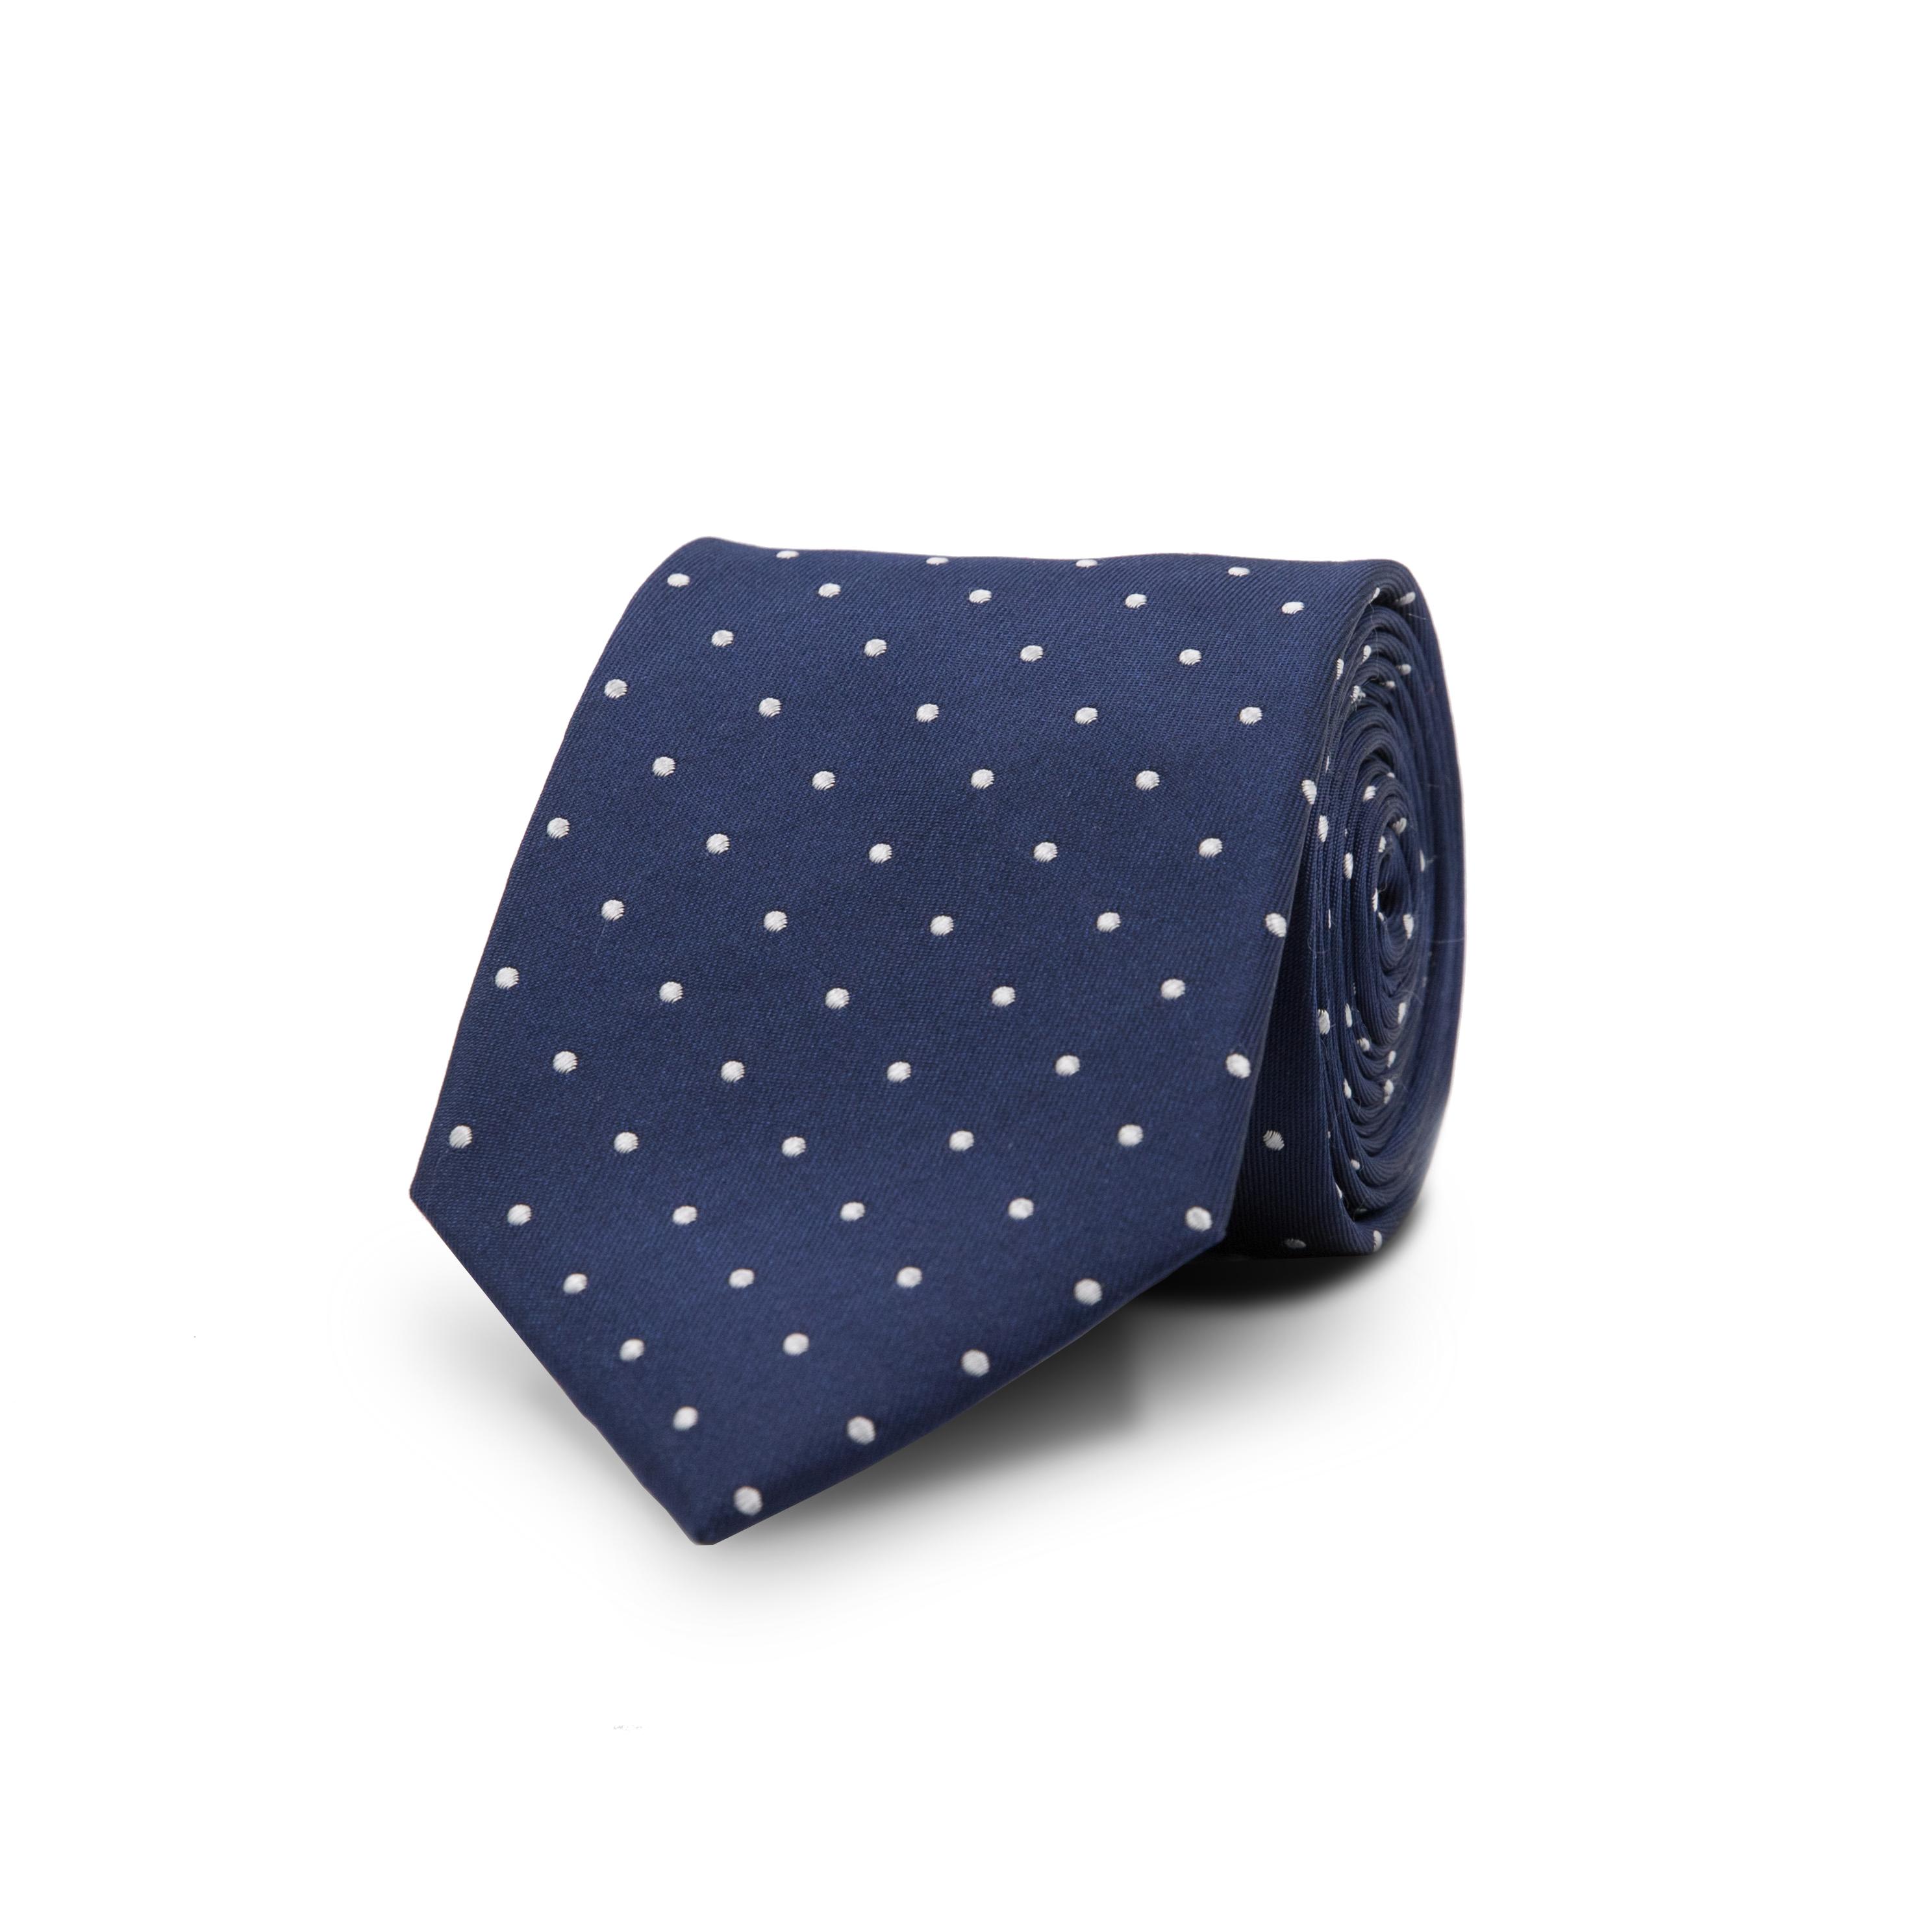 InStitchu Essentials Accessories Tie Bondi White Spotted Dark Navy Silk Tie